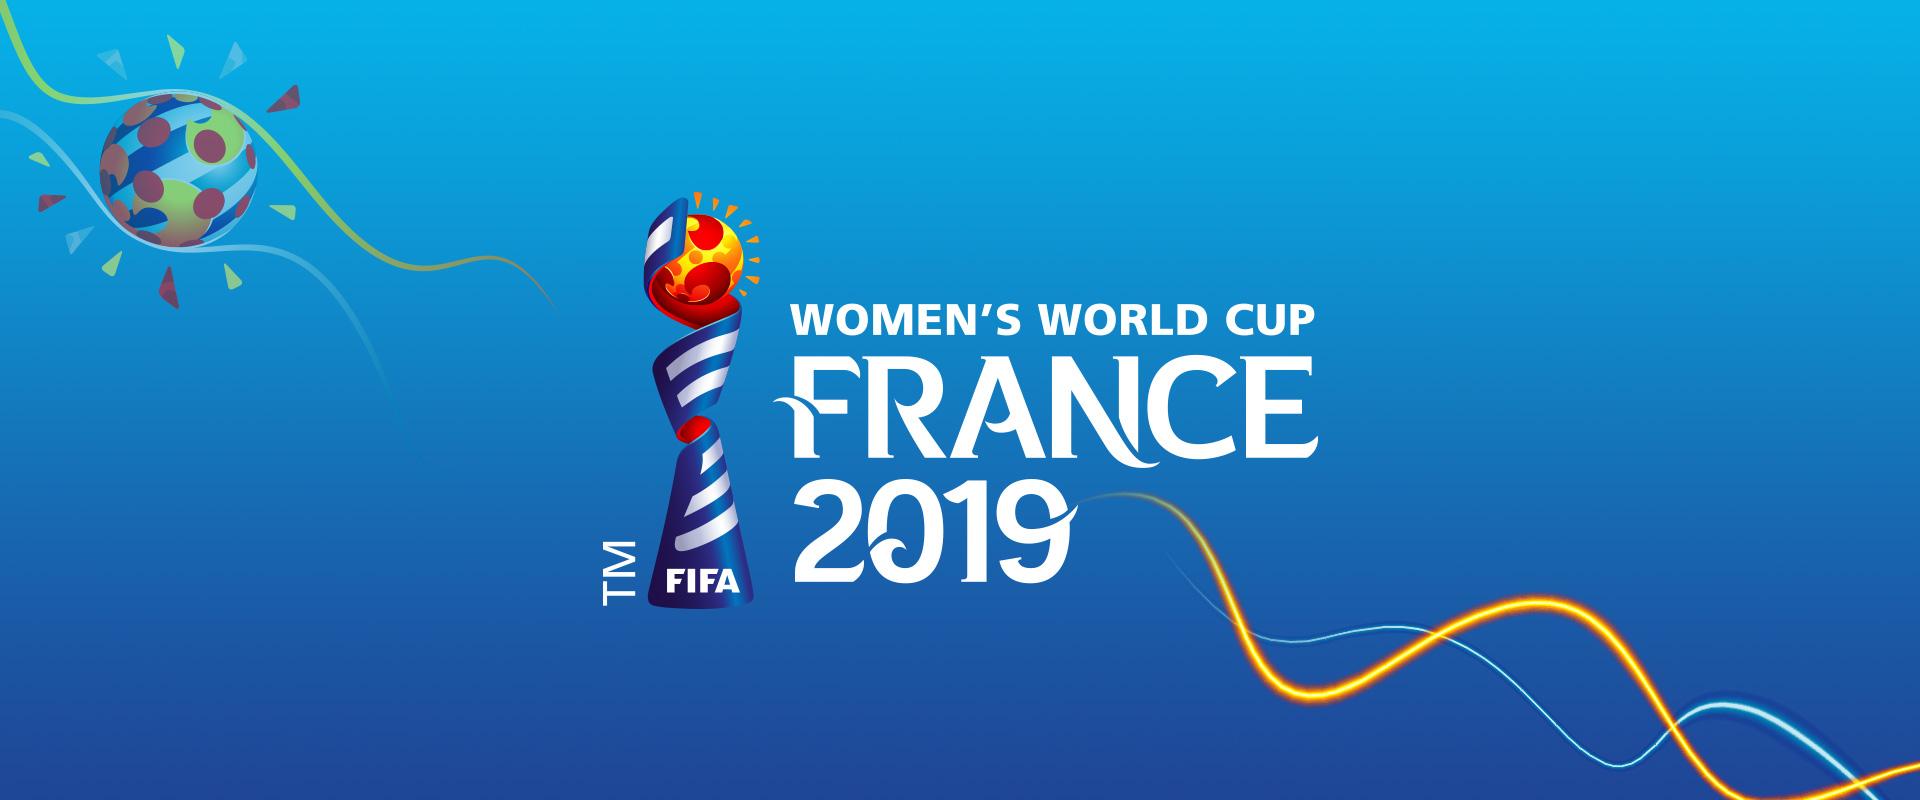 מונדיאל הנשים 2019